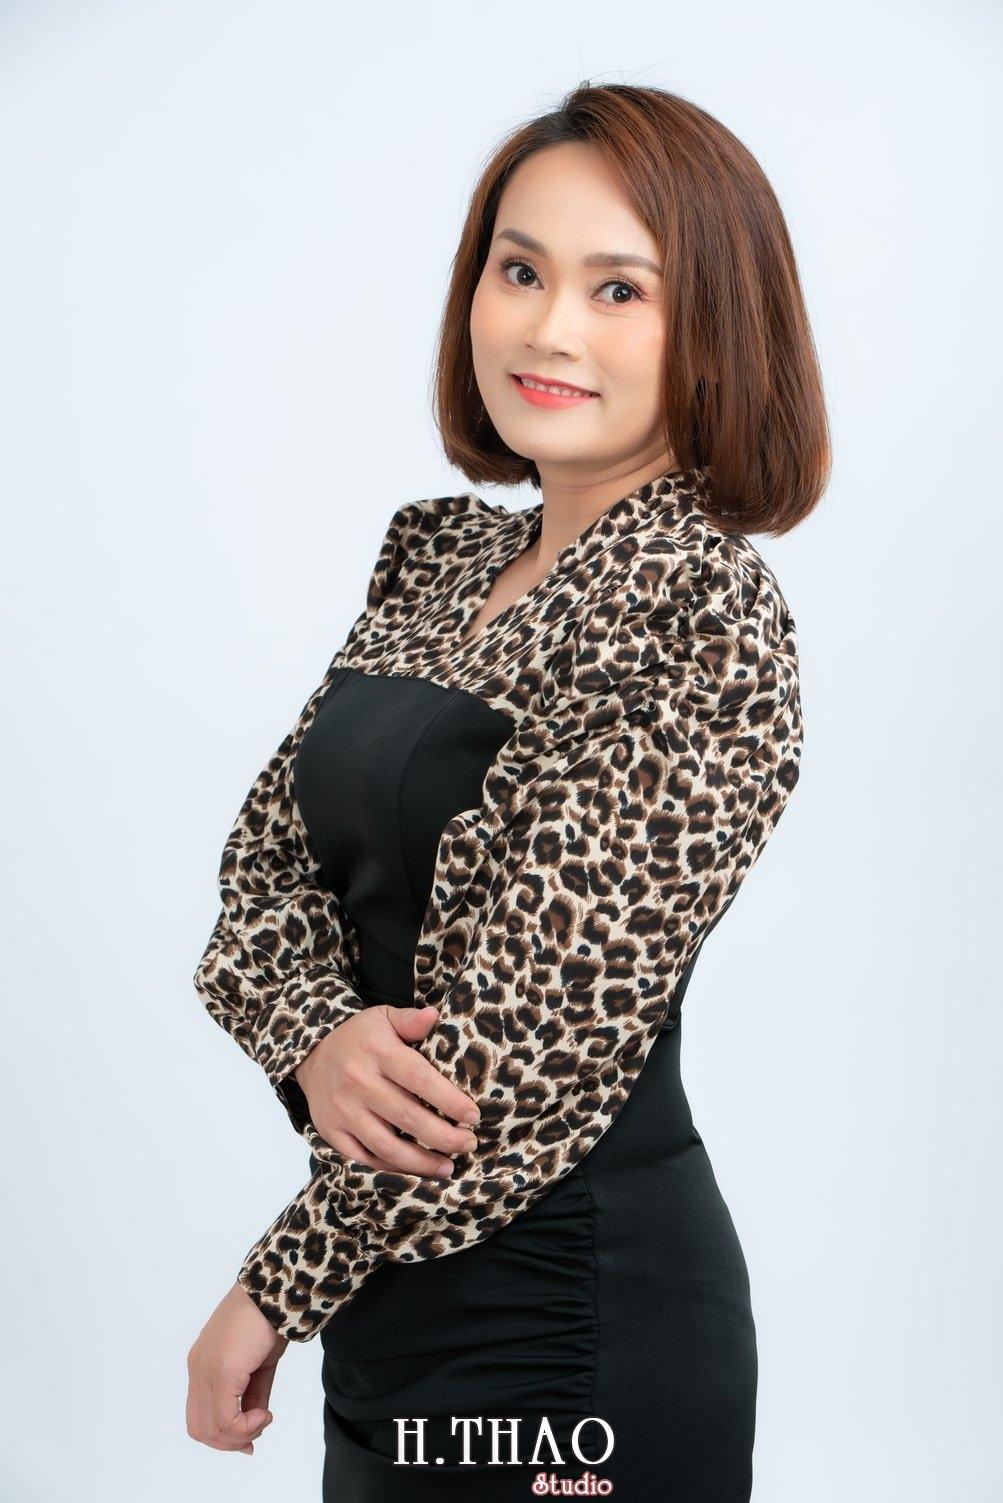 Anh Profile 11 - Album ảnh doanh nhân nữ: chị Kim đẹp nhẹ nhàng - HThao Studio